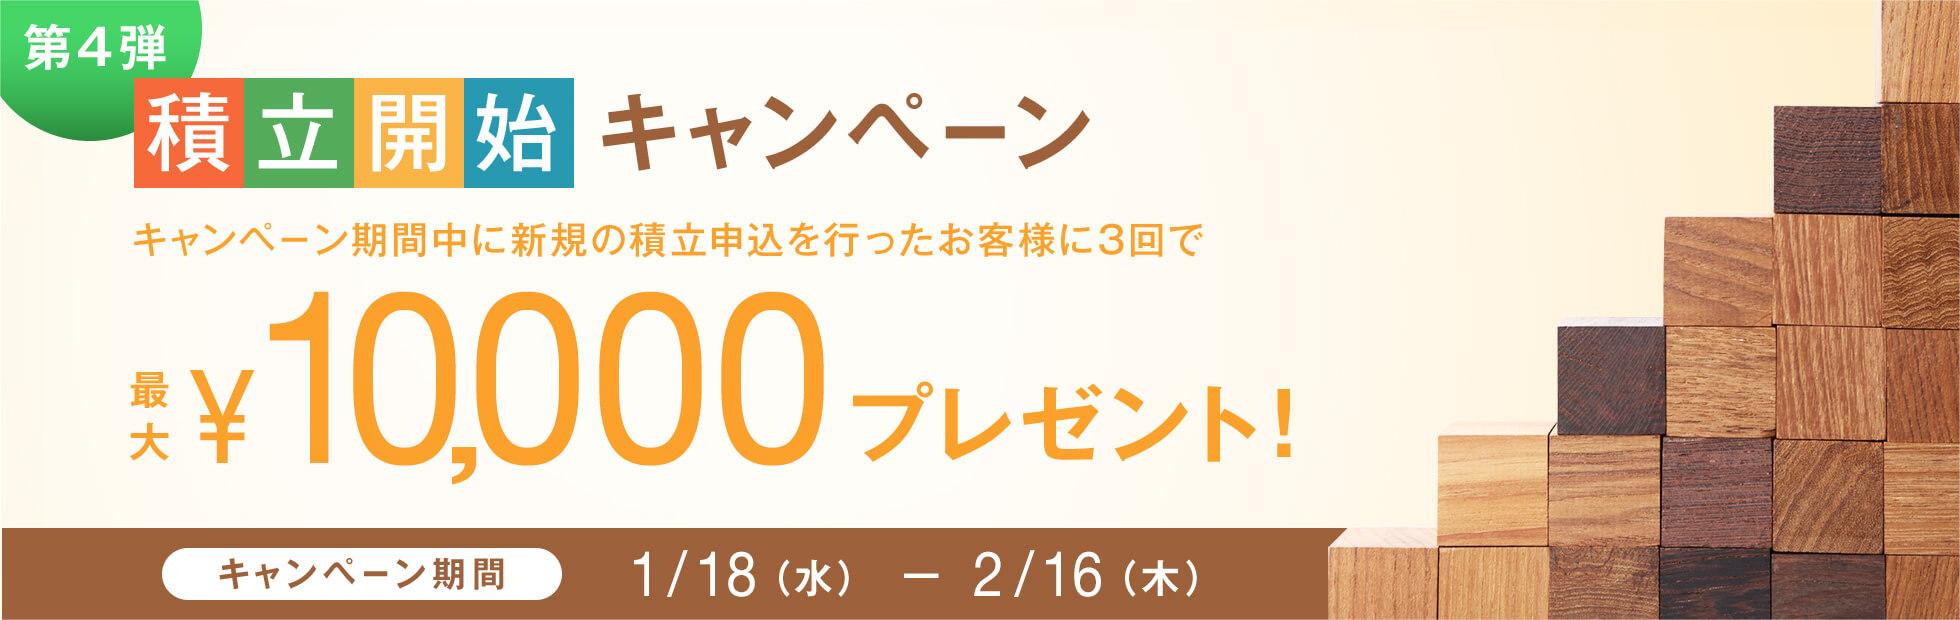 積立開始キャンペーン [第4弾]:キャンペーン期間中に新規の積立申込を行ったお客様に3回積立で最大10,000円プレゼント!2017年1月18日(水)から2017年2/16(木)まで